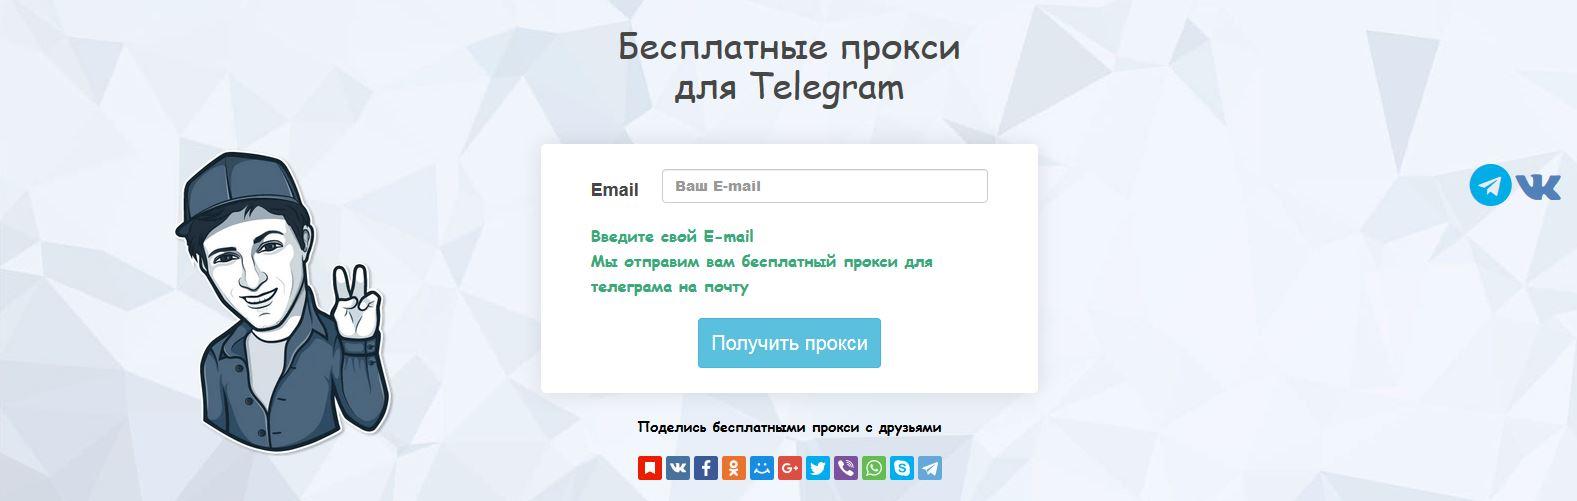 http://images.vfl.ru/ii/1524509458/a1919205/21484792.jpg